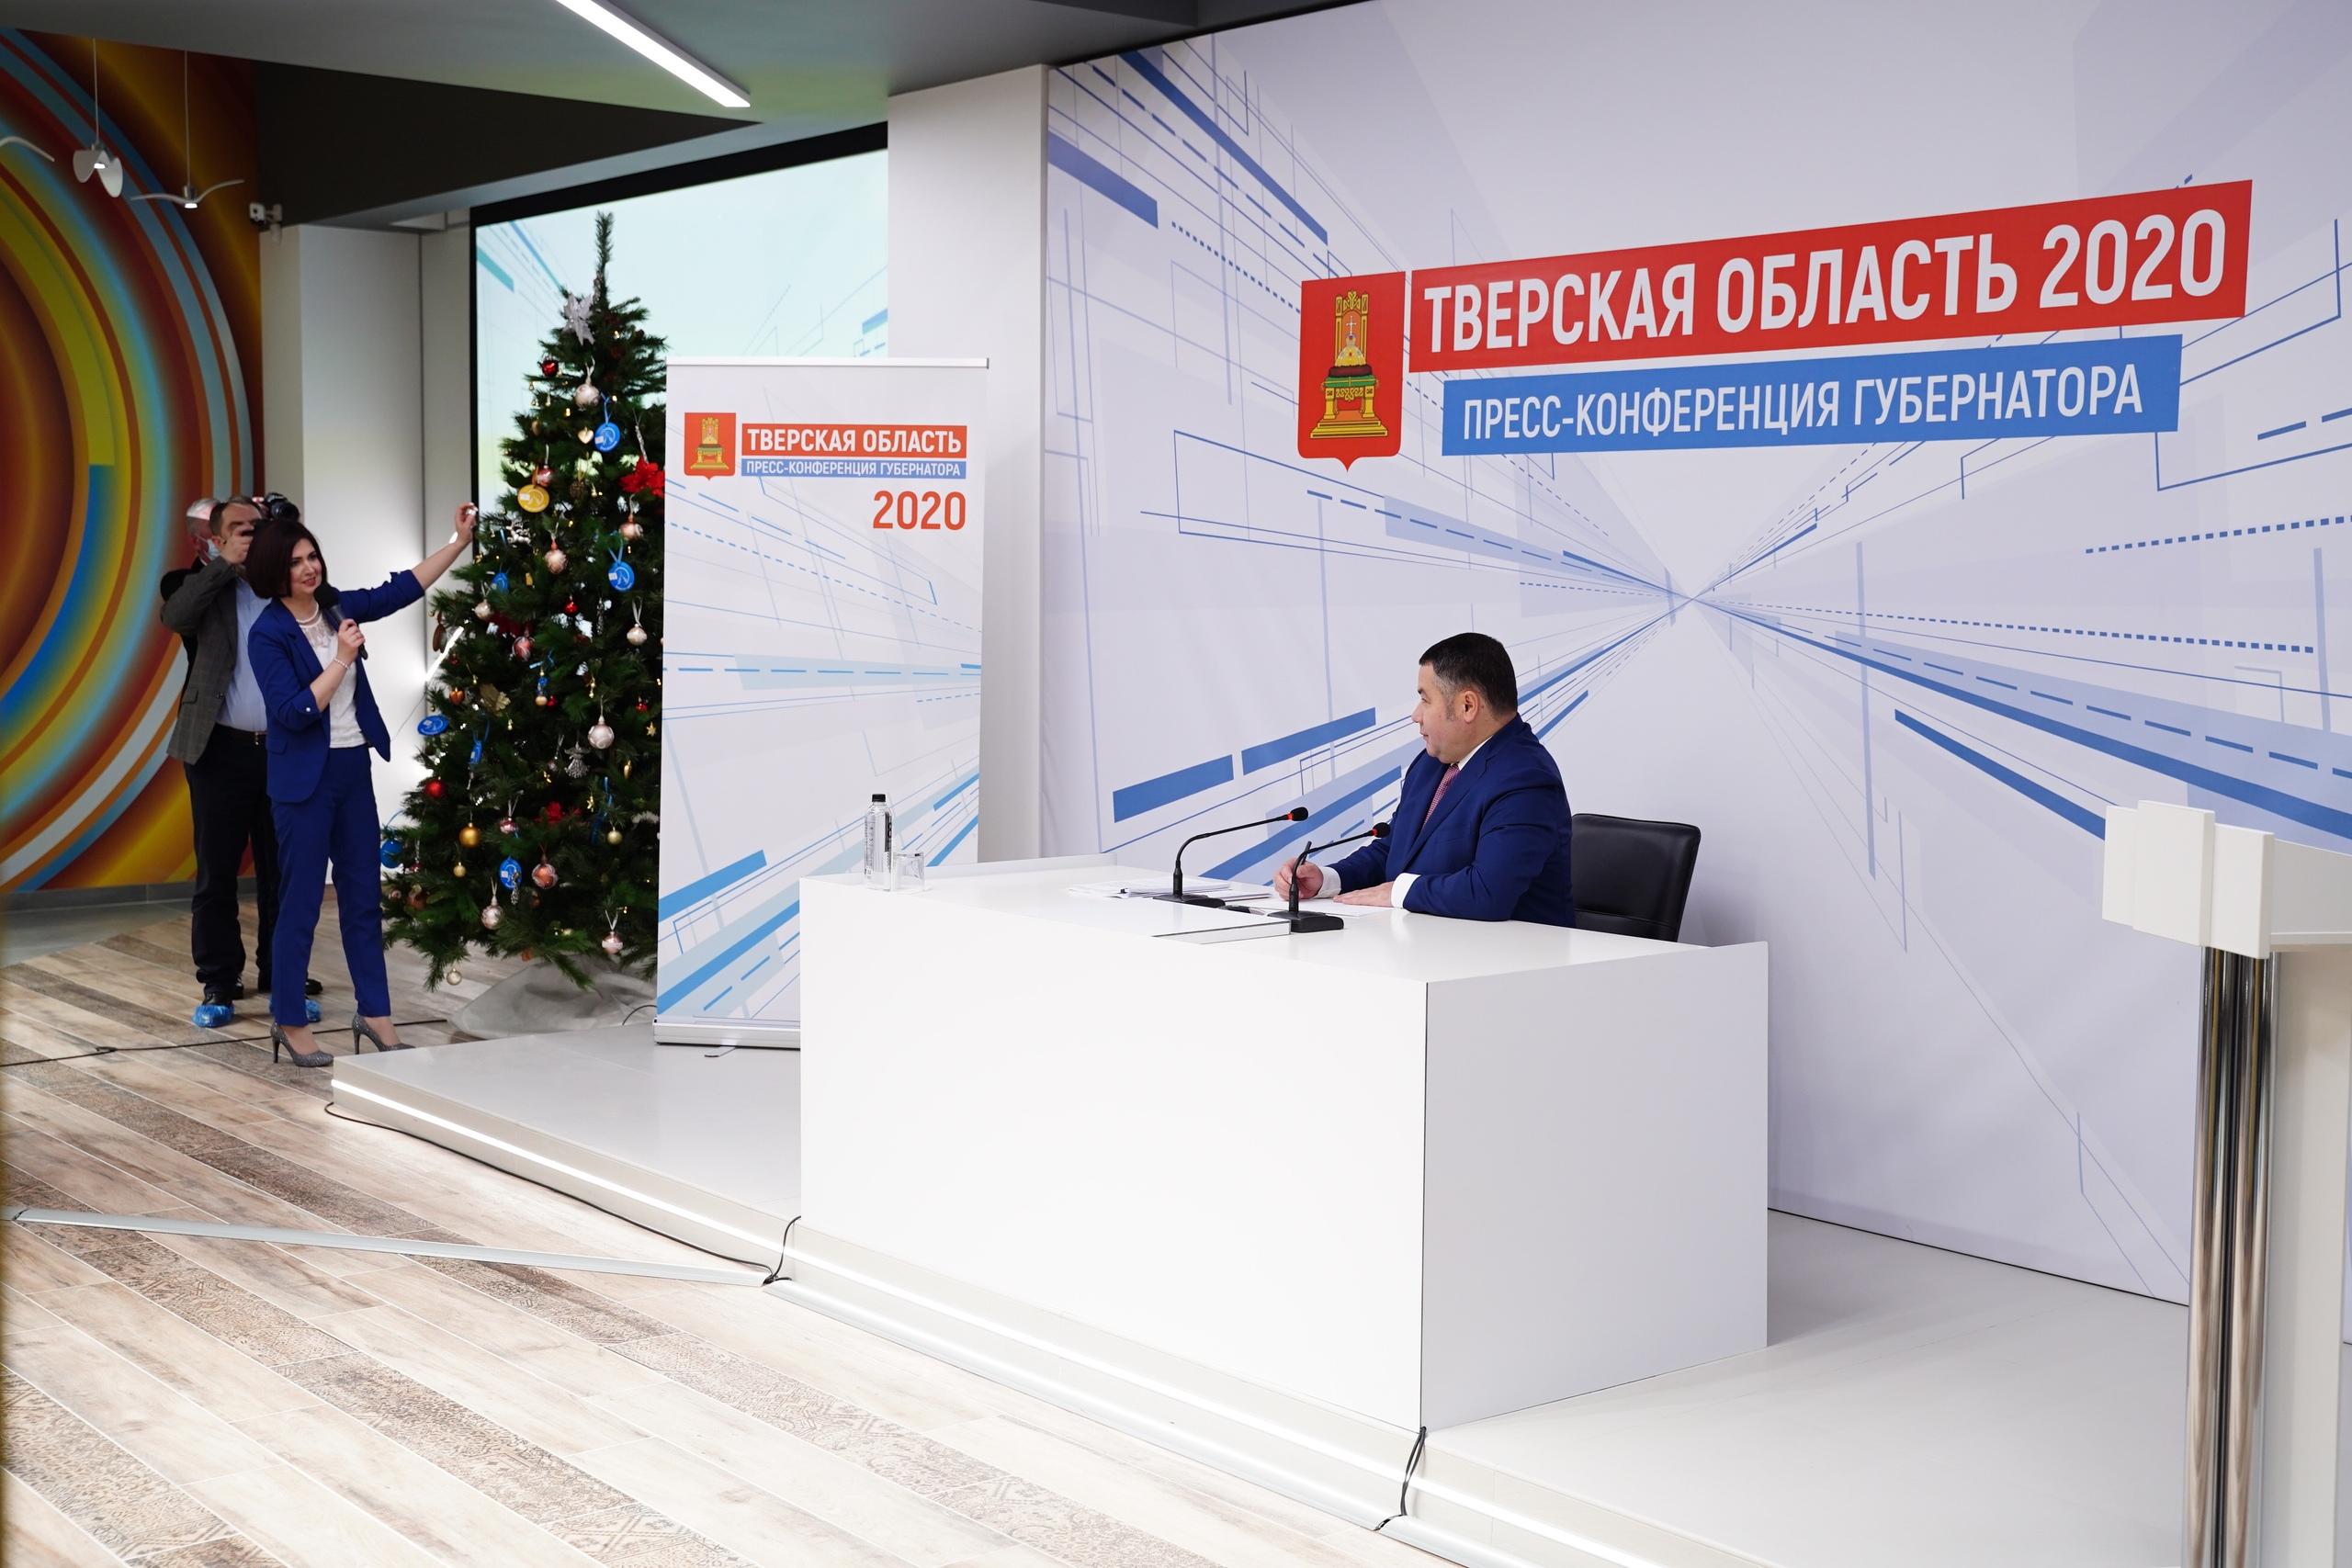 Игорь Руденя рассказал, кто будет работать 31 декабря в Тверской области